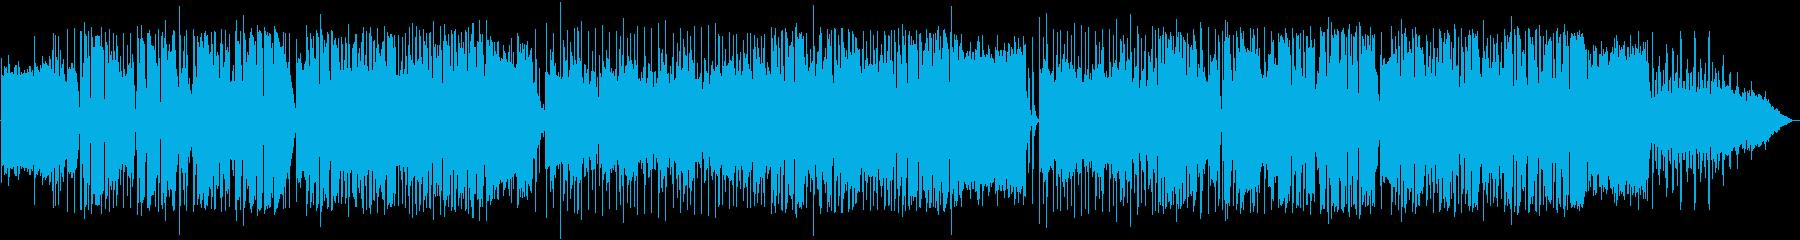 英語洋楽:中期ビートルズ・車のロックの再生済みの波形